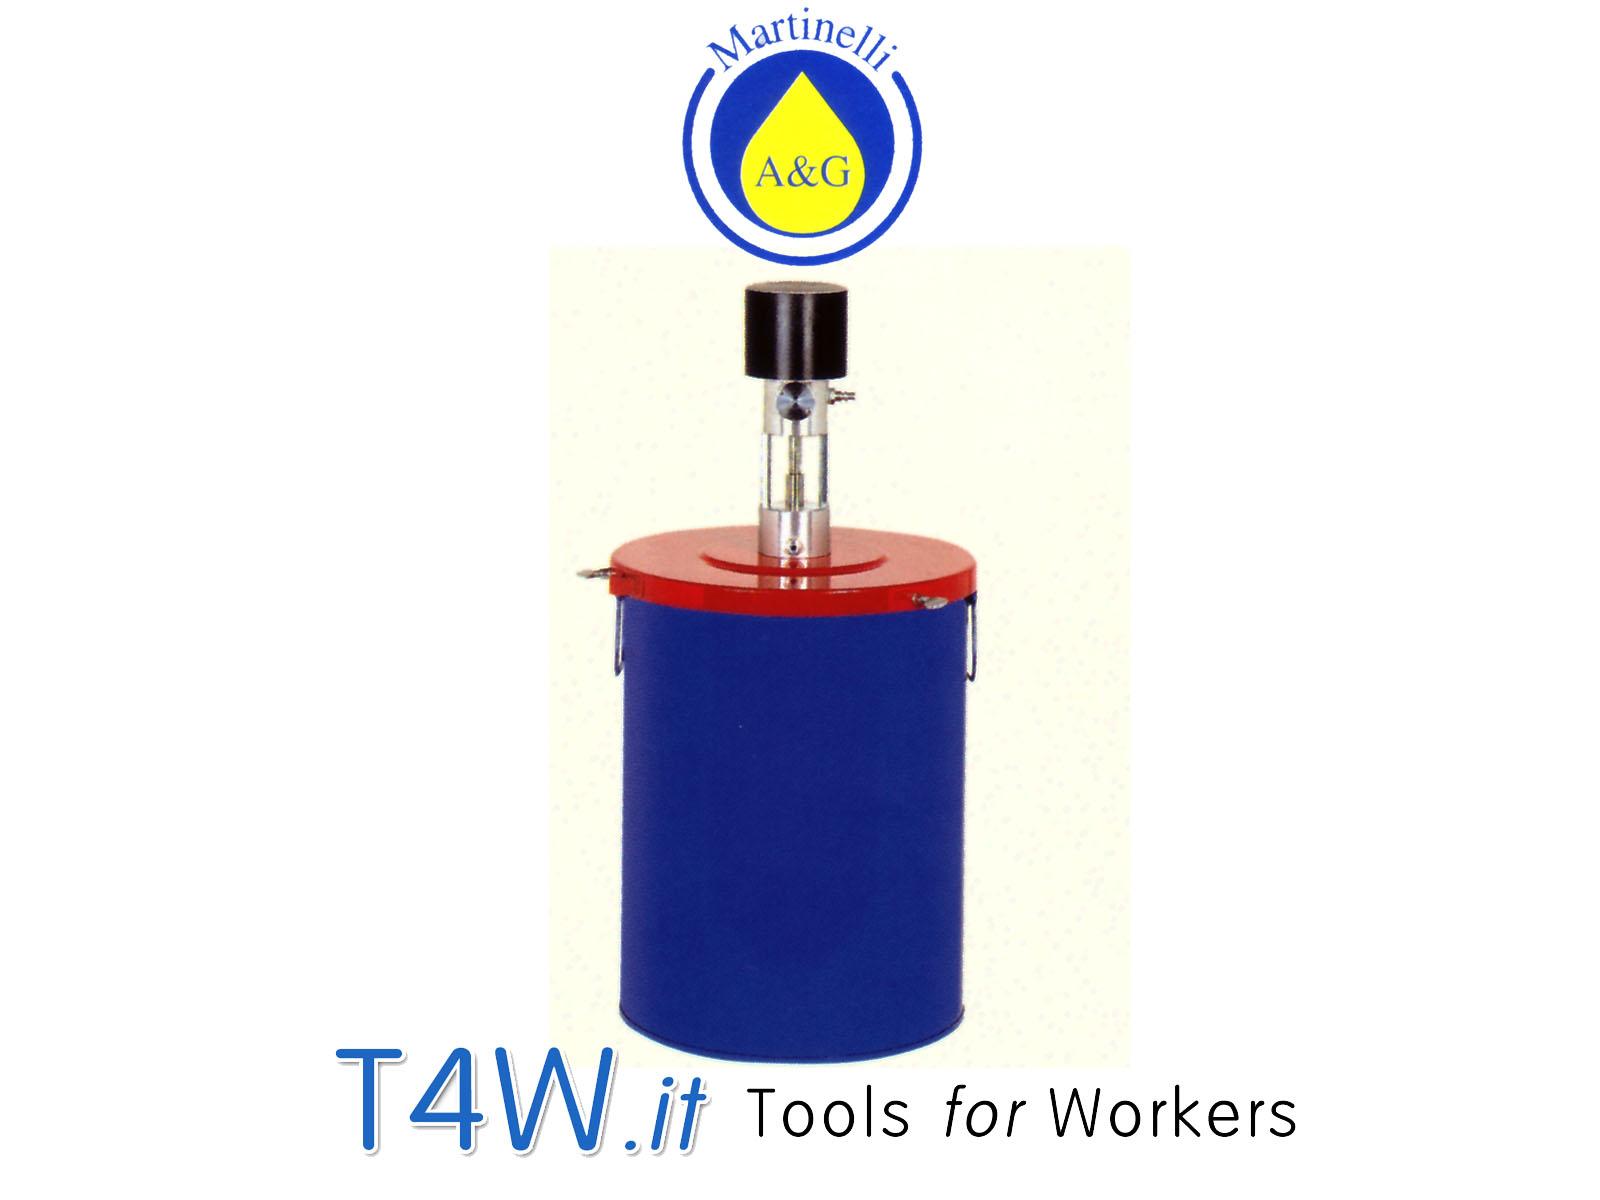 2708 - Pompa elettrica per fusti gasolio 12 - 24 V Art. 2708 Martinelli